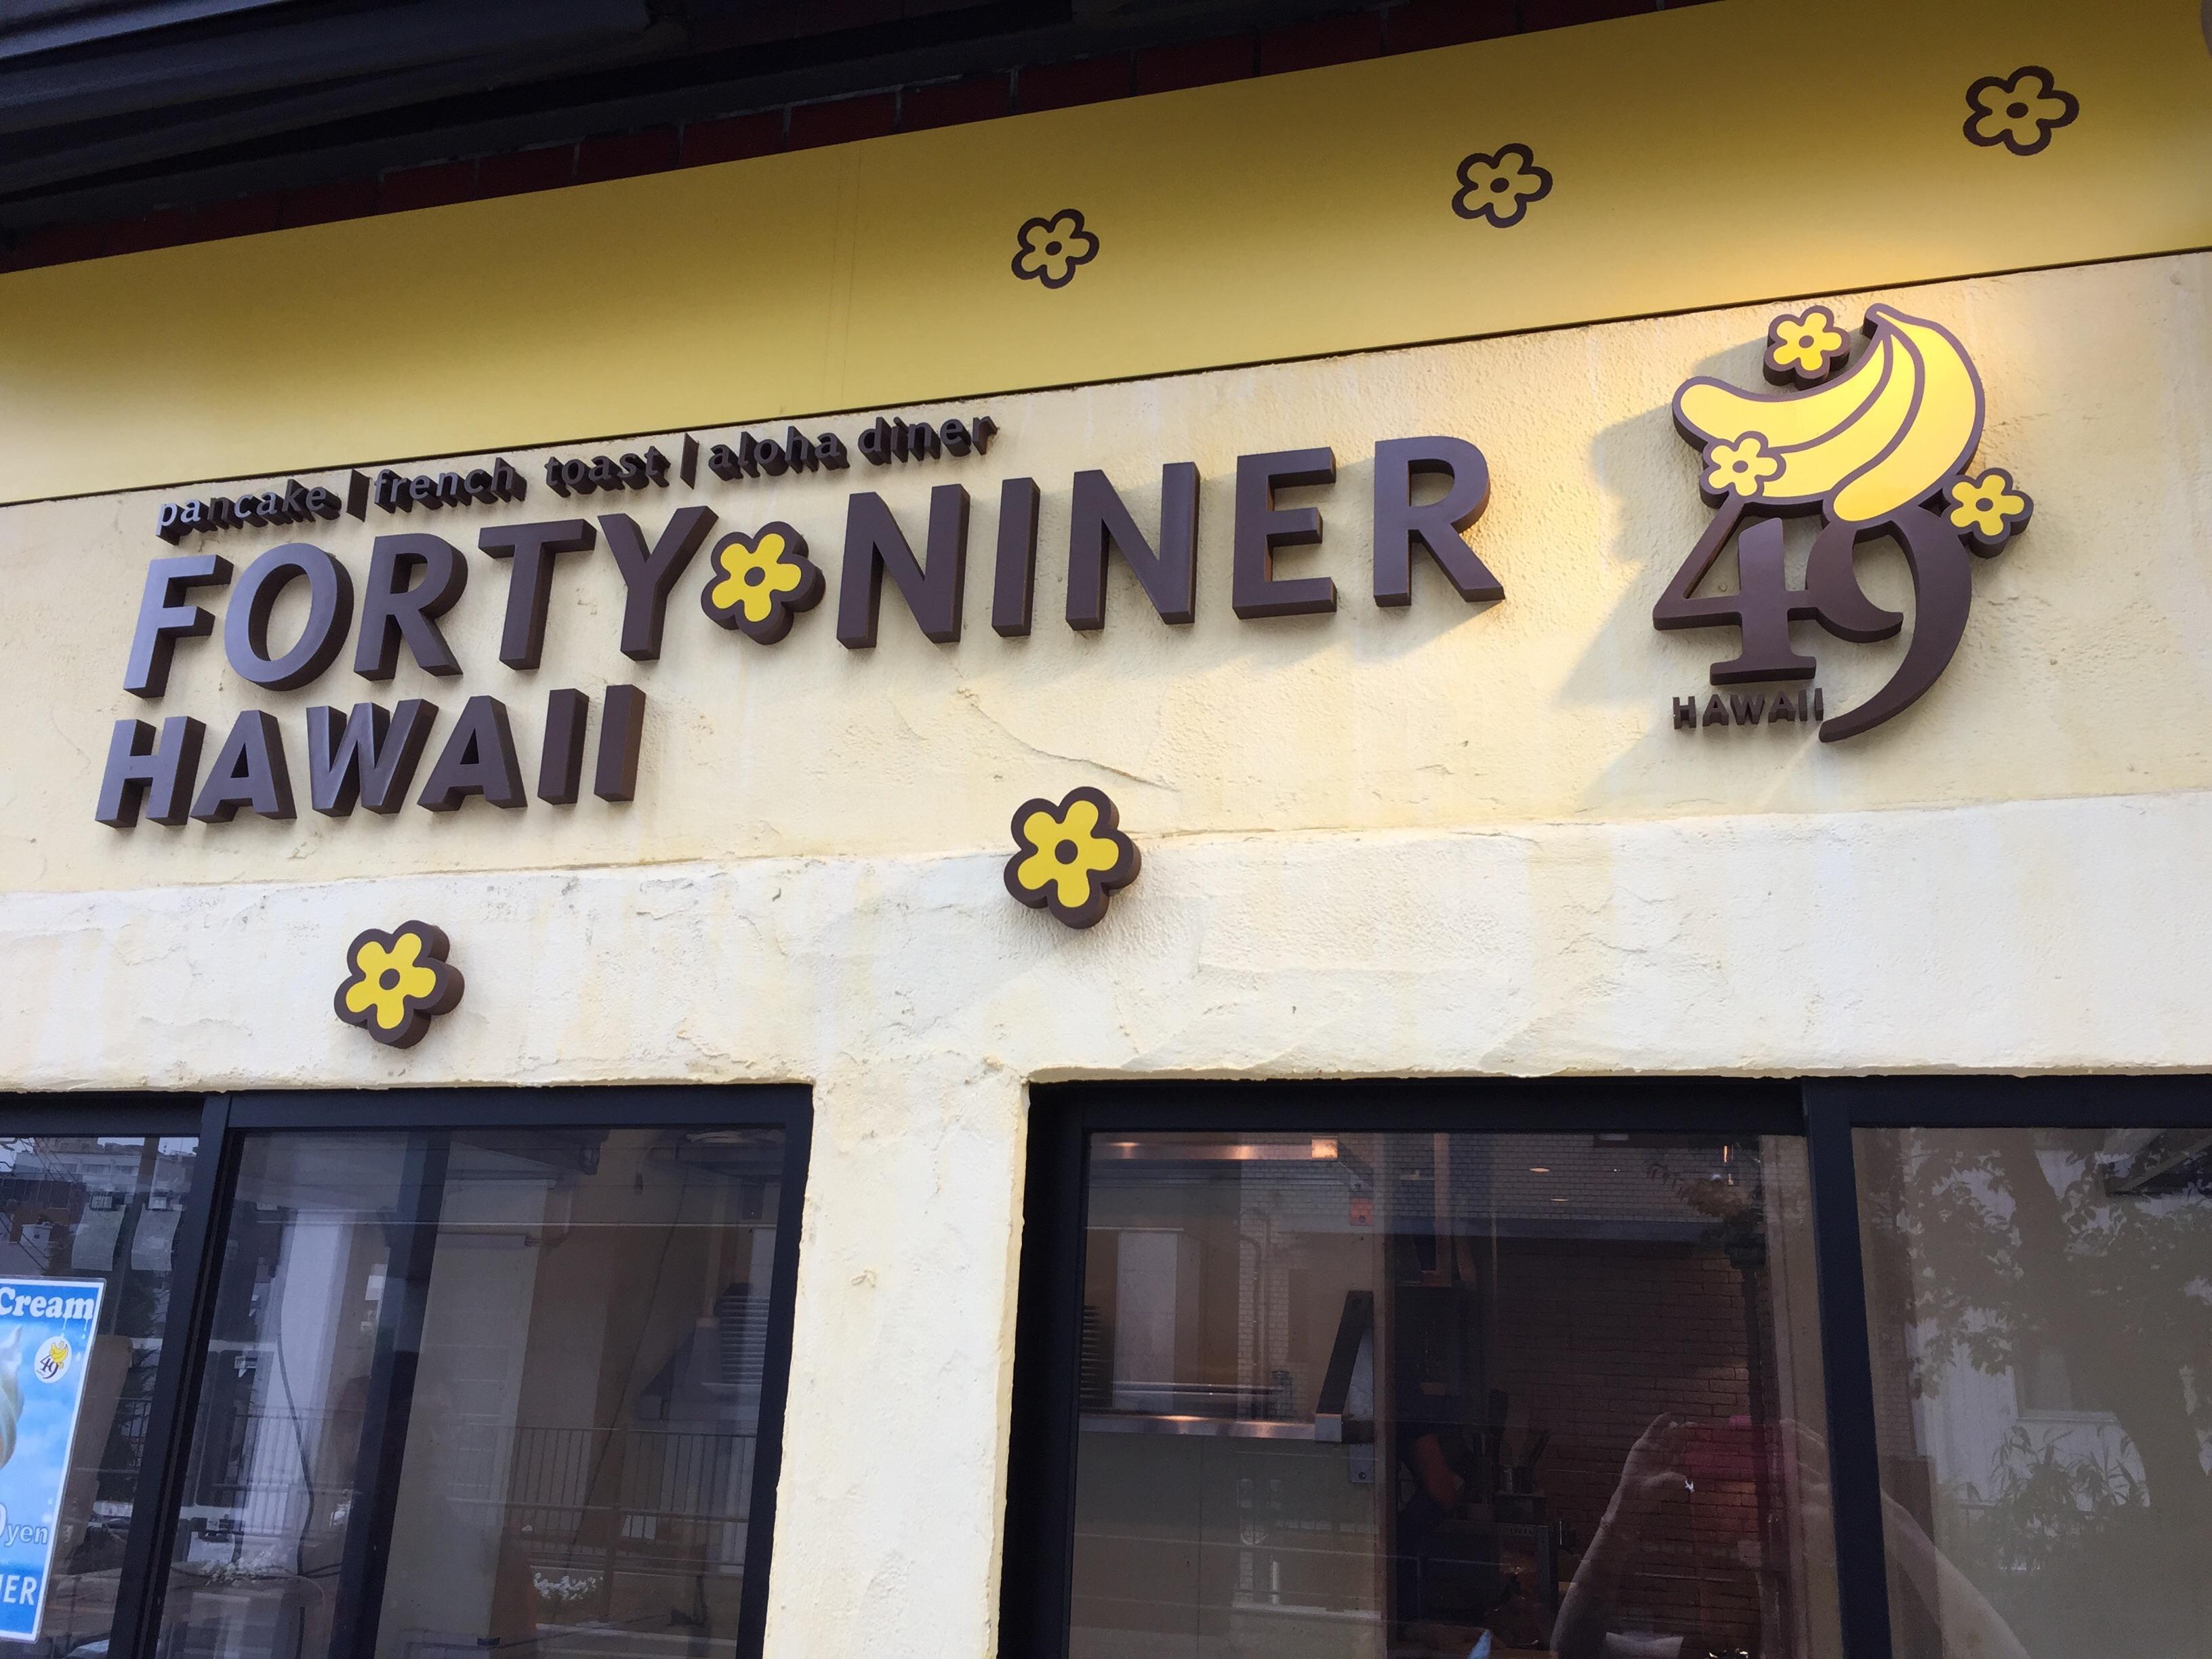 〈パンケーキ〉六本木 49 HAWAII で有名ブロガーさんたちとパンケーキ女子会してきたよ☆